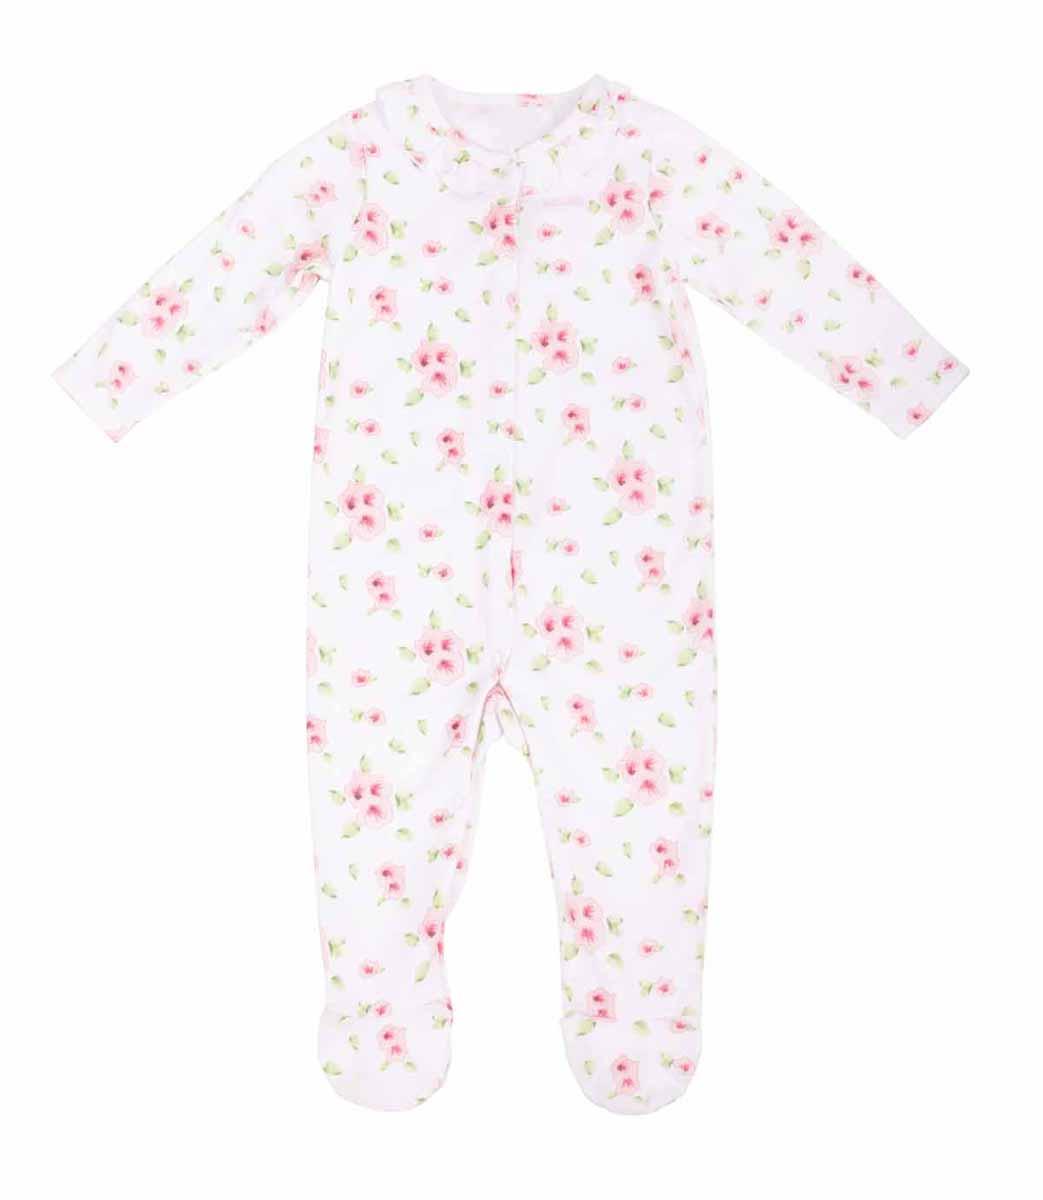 Комбинезон для девочки. 116 GB GC 5 303116 GB GC 5 303Детский комбинезон Gulliver Baby - очень удобный и практичный вид одежды для малышей. Комбинезон выполнен из натурального хлопка, благодаря чему он необычайно мягкий и приятный на ощупь, не раздражает нежную кожу ребенка и хорошо вентилируется, а эластичные швы приятны телу малыша и не препятствуют его движениям. Комбинезон с длинными рукавами и закрытыми ножками застегивается на застежки-кнопки от горловины до щиколотки, что помогает легко переодеть младенца или сменить подгузник. Горловина дополнена рюшей. Оформлена модель приятным цветочным по всей поверхности, а также небольшой нашивкой на грудке с логотипом фирмы. С этим детским комбинезоном спинка и ножки вашего малыша всегда будут в тепле, он идеален для использования днем и незаменим ночью. Комбинезон полностью соответствует особенностям жизни младенца в ранний период, не стесняя и не ограничивая его в движениях!